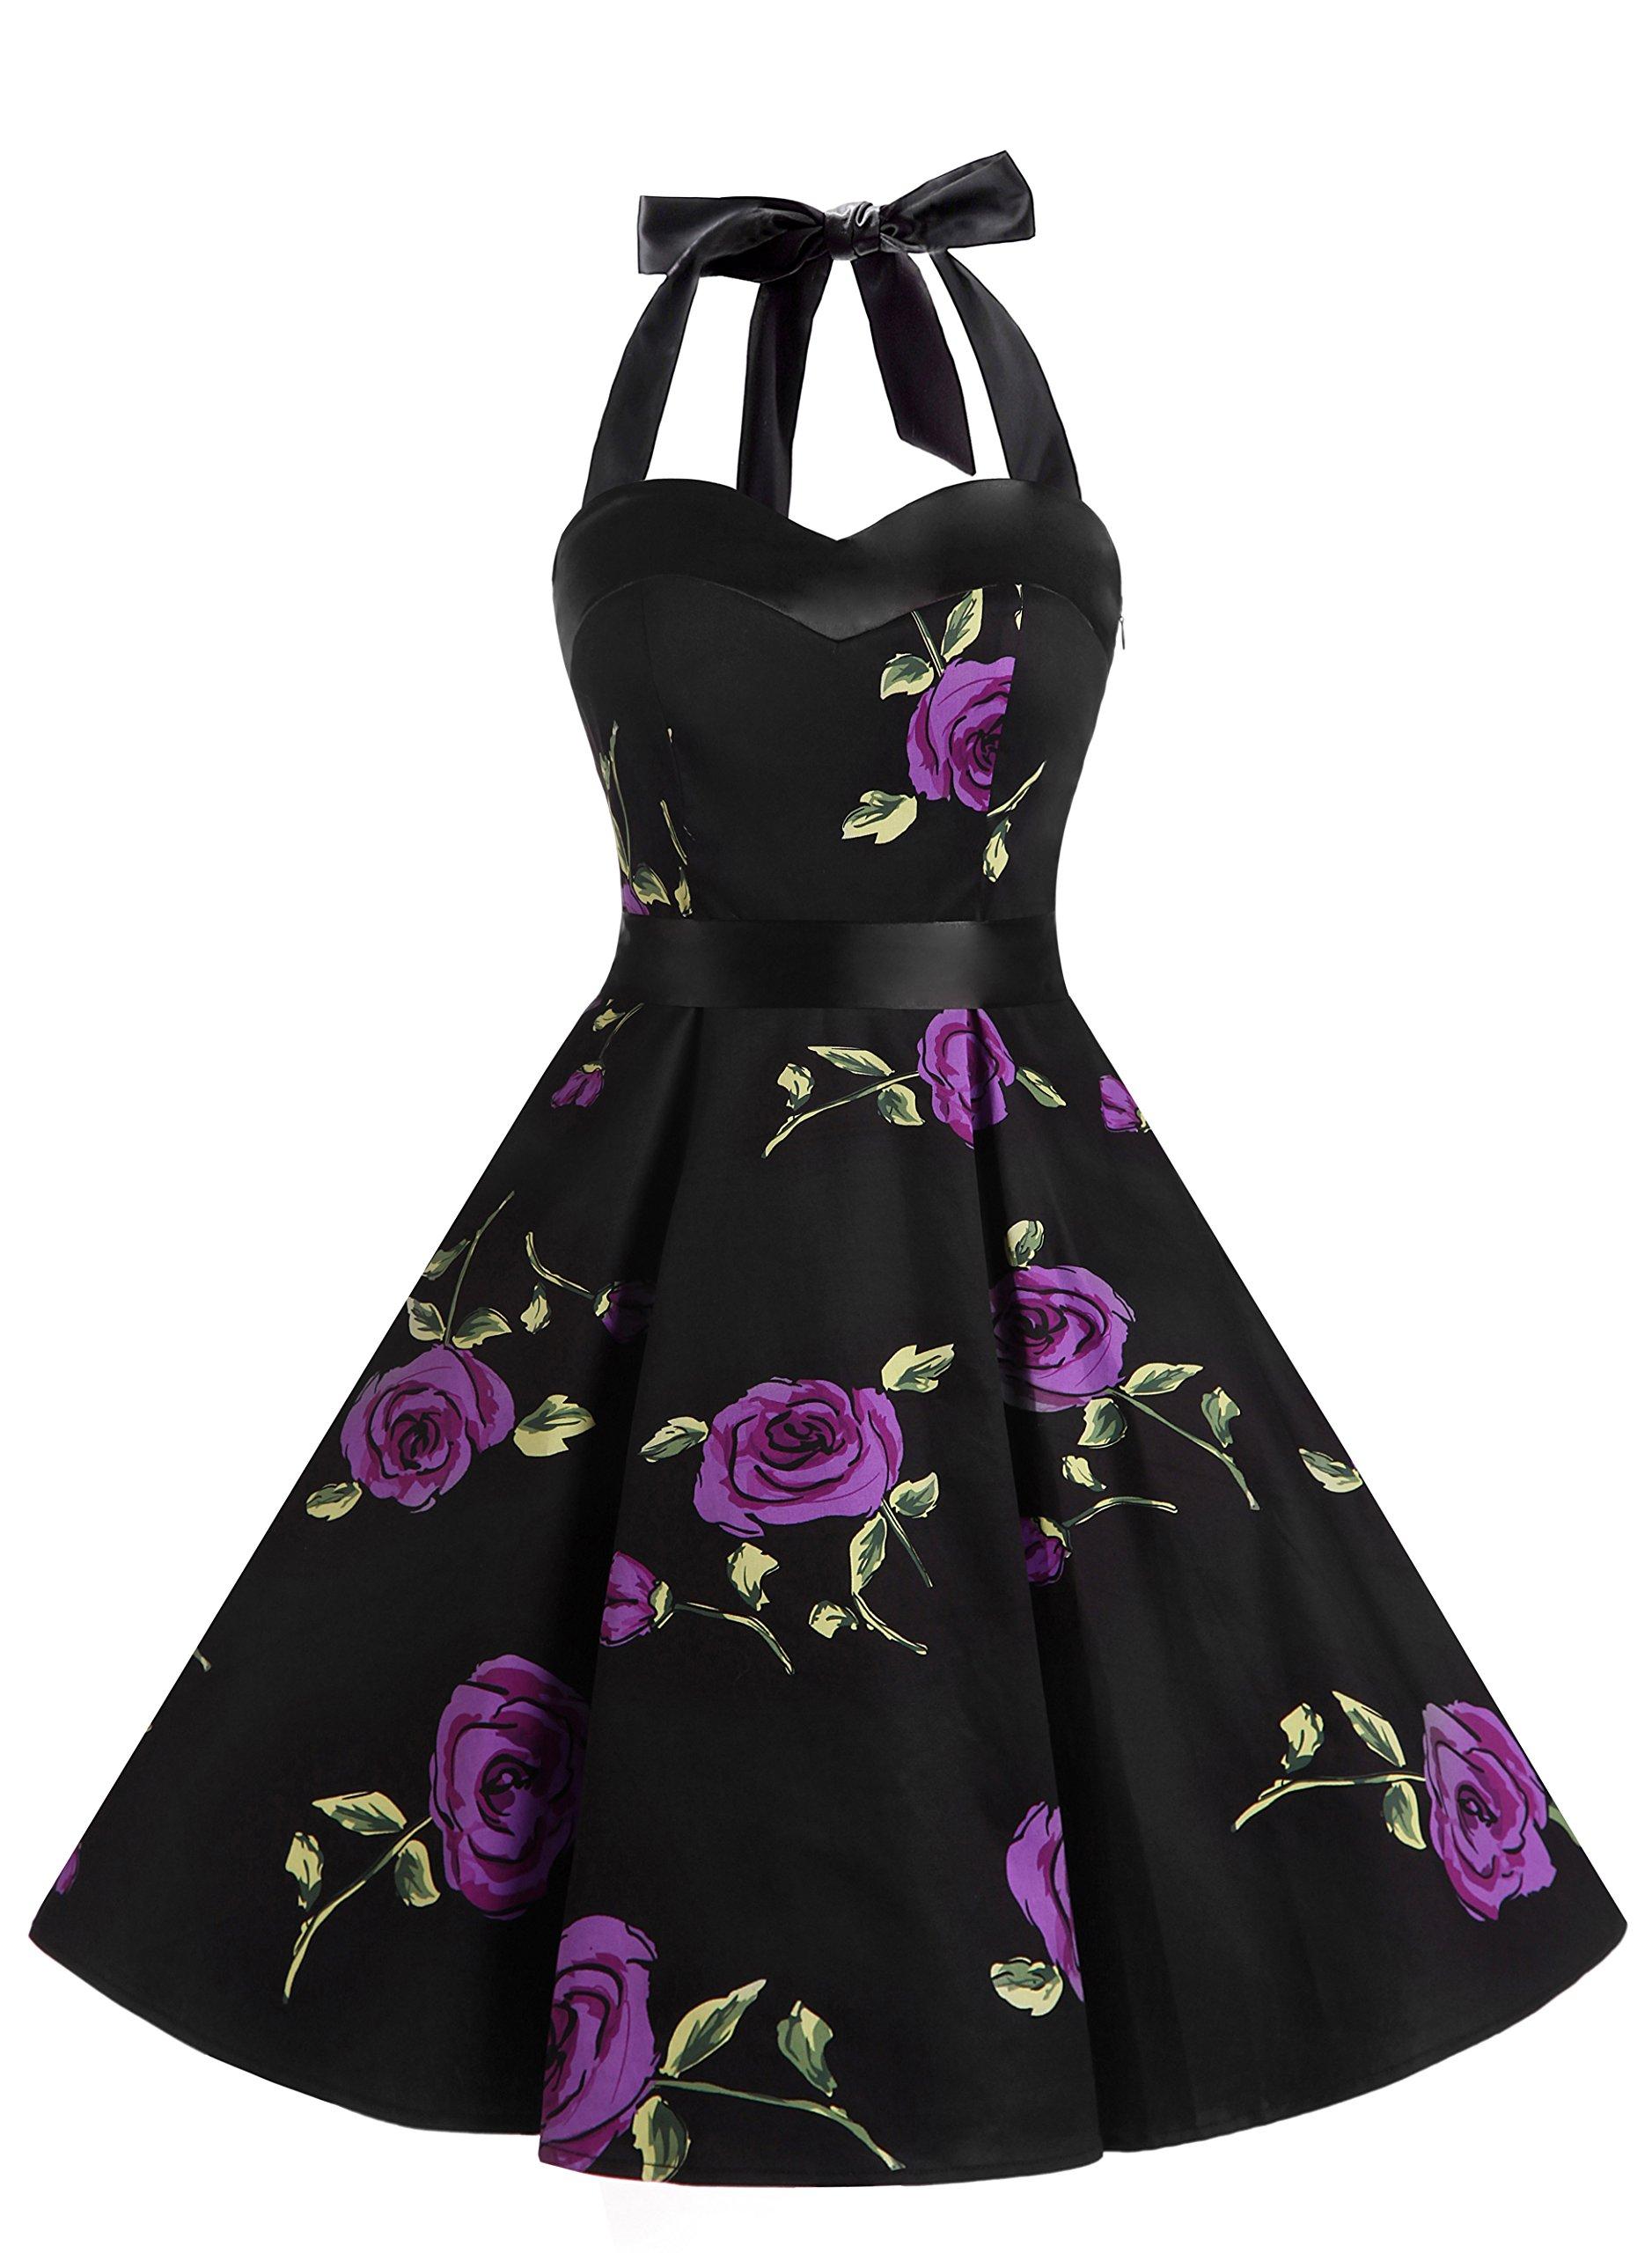 Retro Rockabilly Dresses The Dress Shop